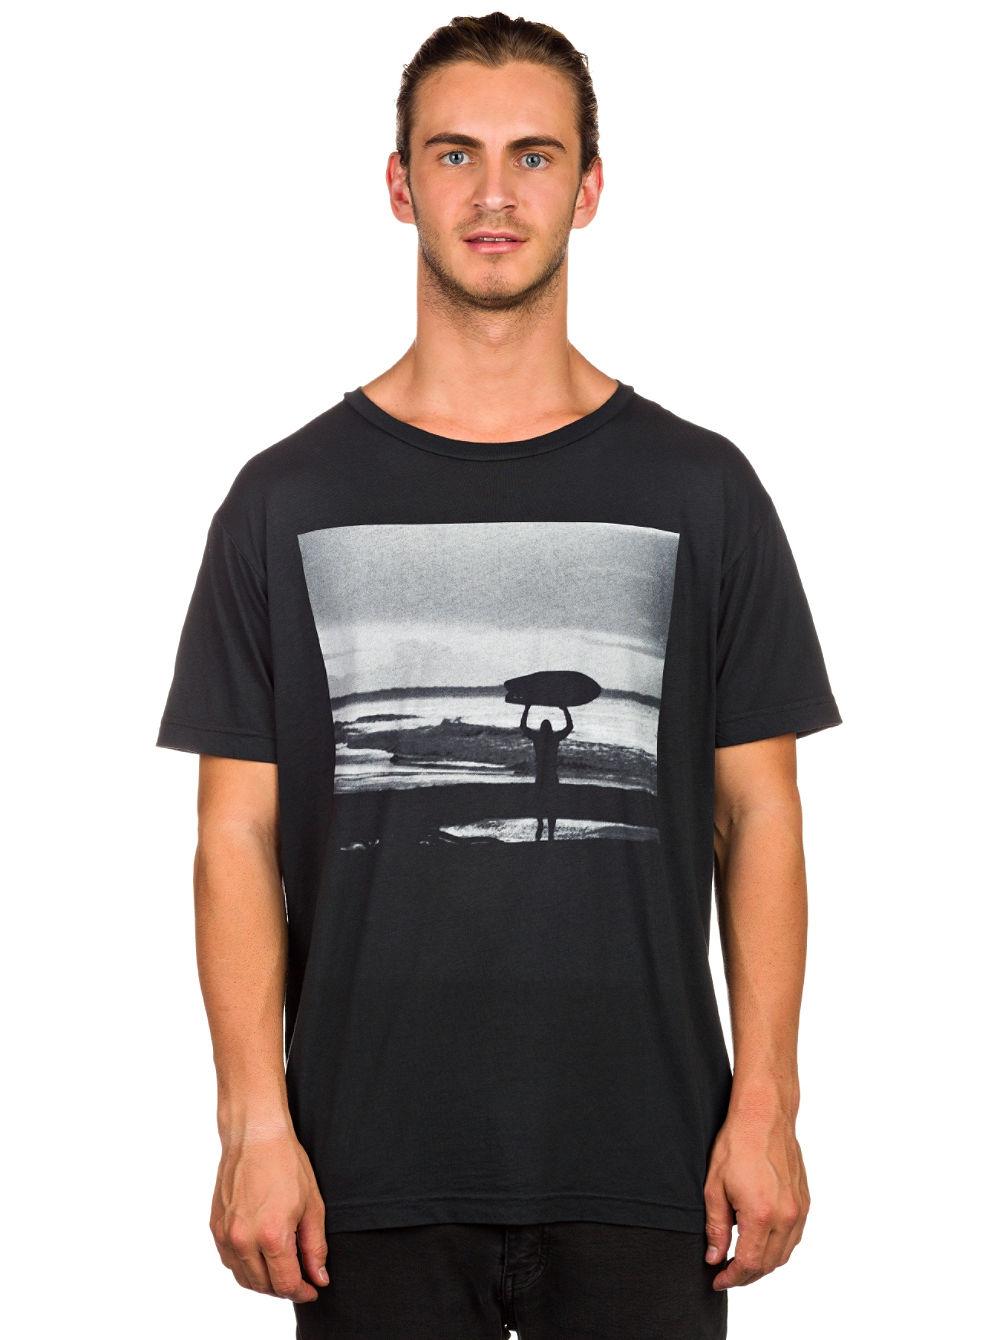 freedom-artists-till-dark-t-shirt